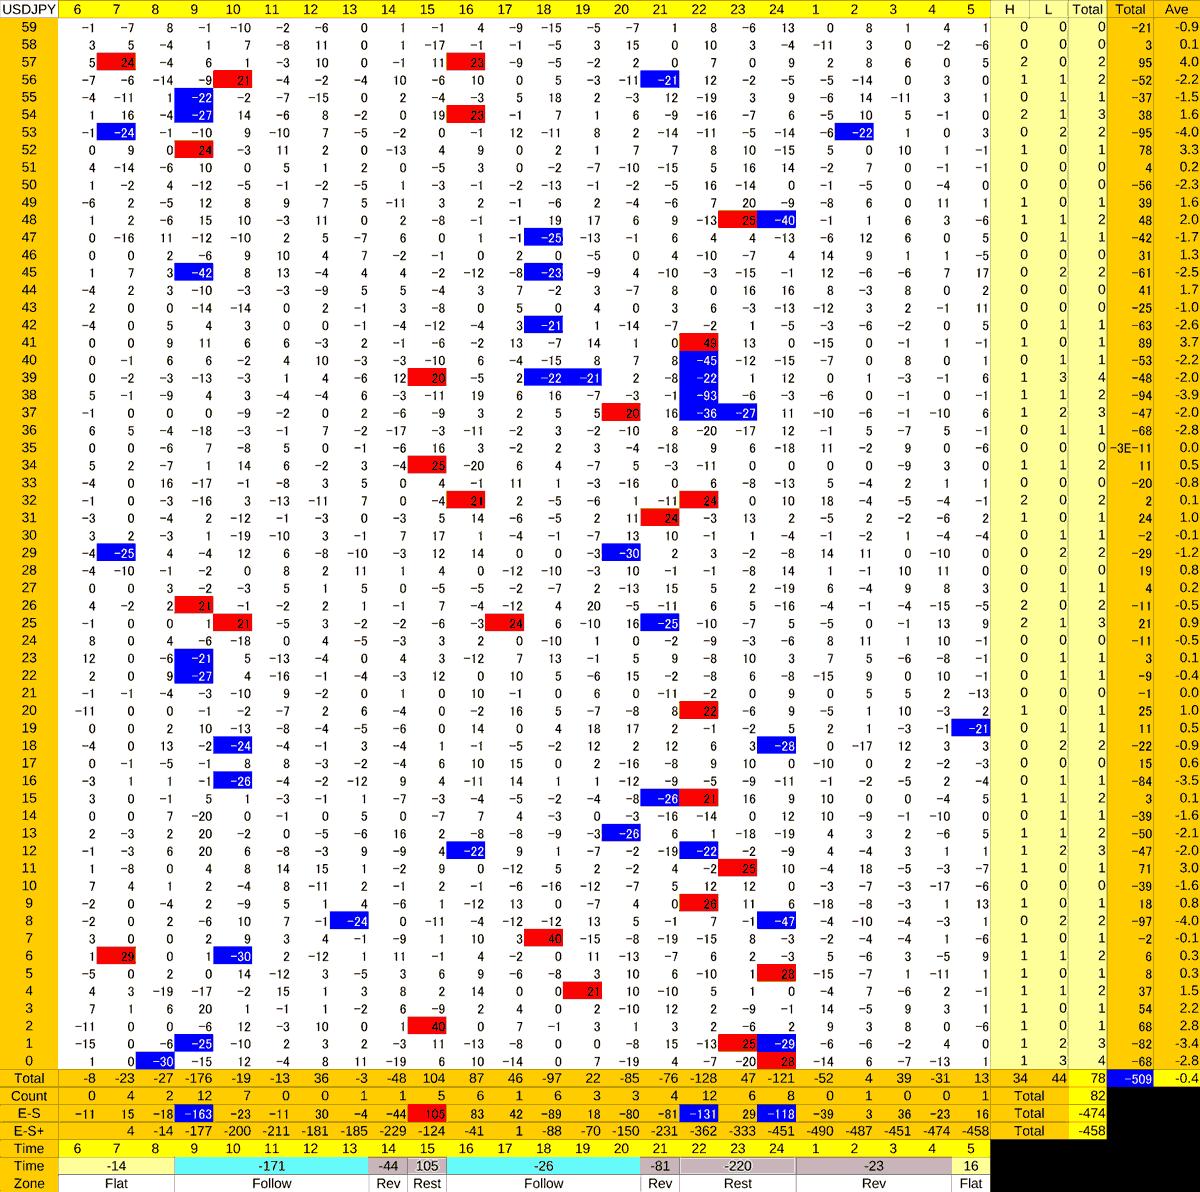 20201113_HS(1)USDJPY